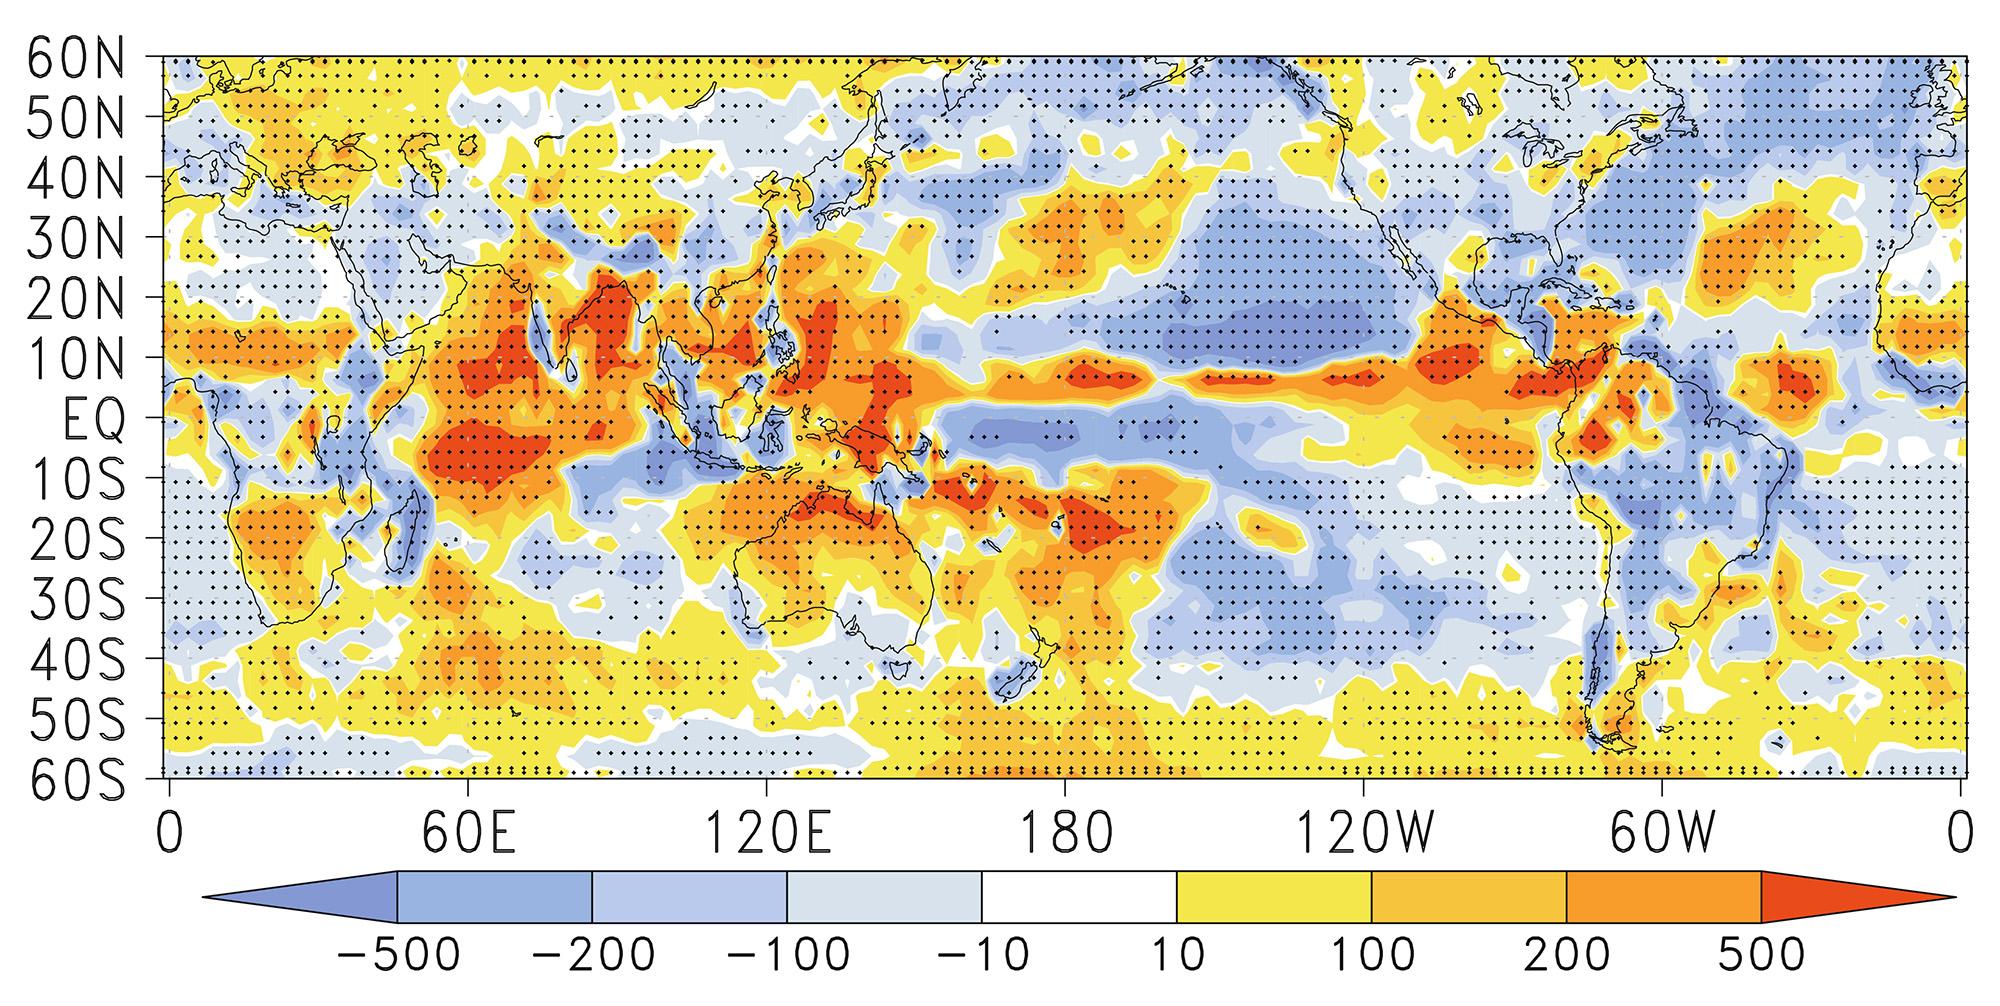 美國、加拿大東部、中東、和南美洲東部地區,呈現明顯的乾燥趨勢。同時,澳洲北部、南非、印度西部、中國西部地區,則呈現明顯的降雨增加。(縱軸為緯度;色條為年度總降雨量趨勢,單位 mm K−1) 資料來源│Liu, R., Liu, S.C., Shiu, CJ. et al. Adv. Atmos. Sci. (2016) 33: 164.